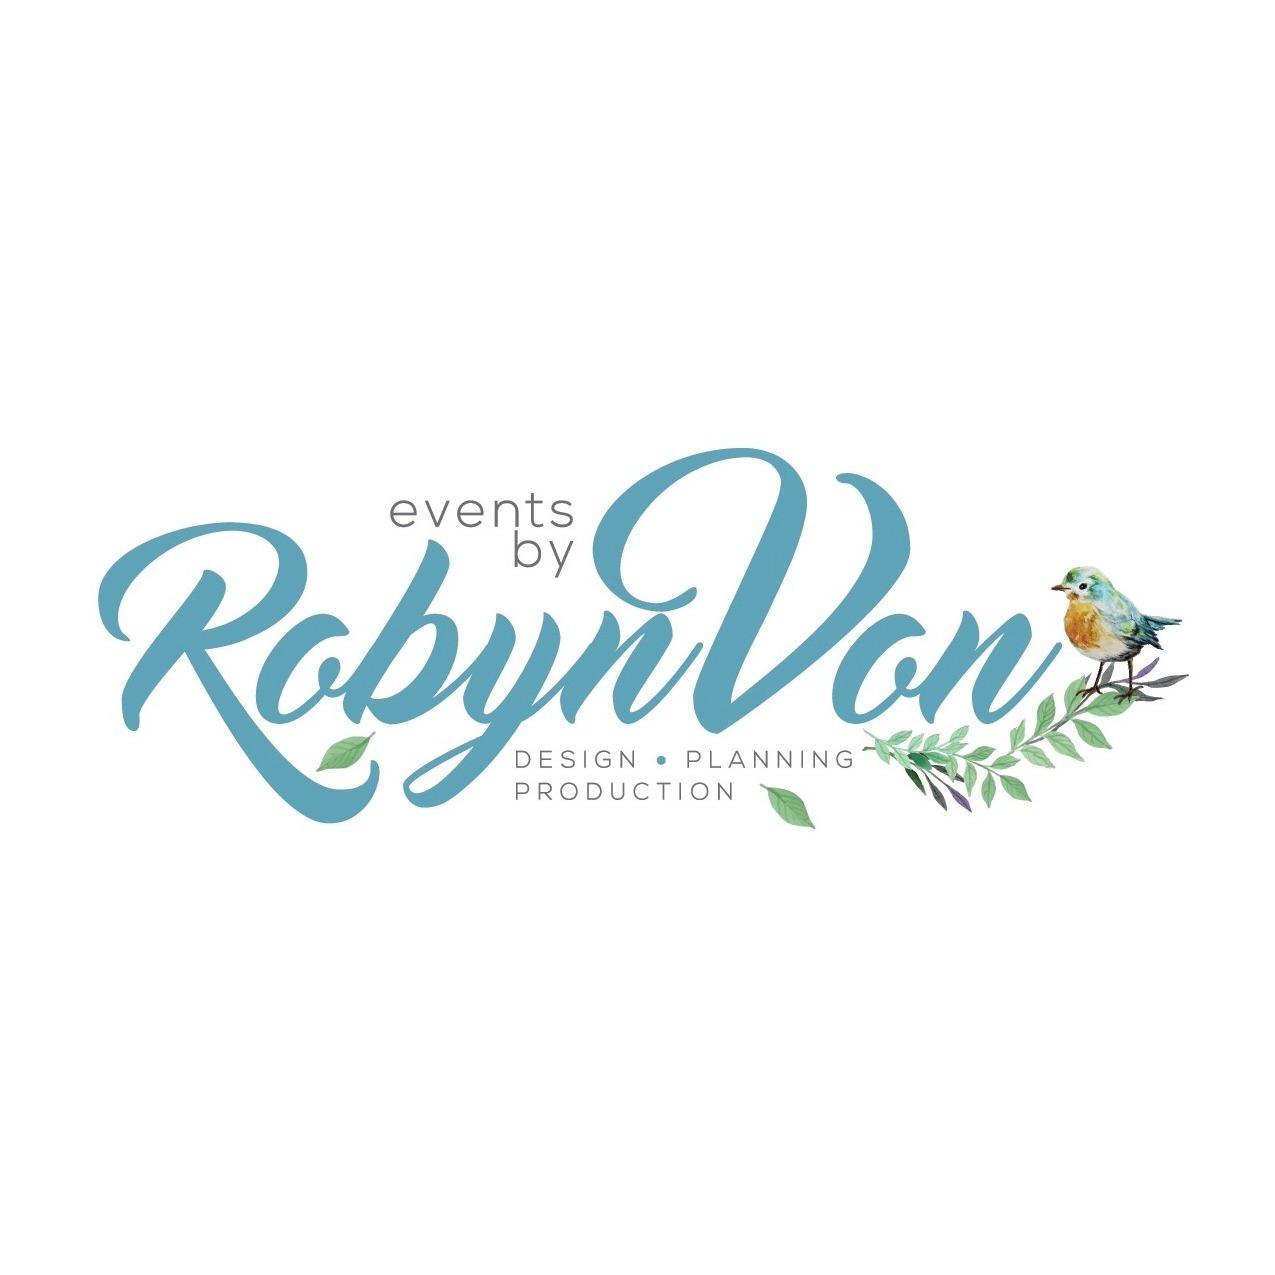 Events By Robyn Von